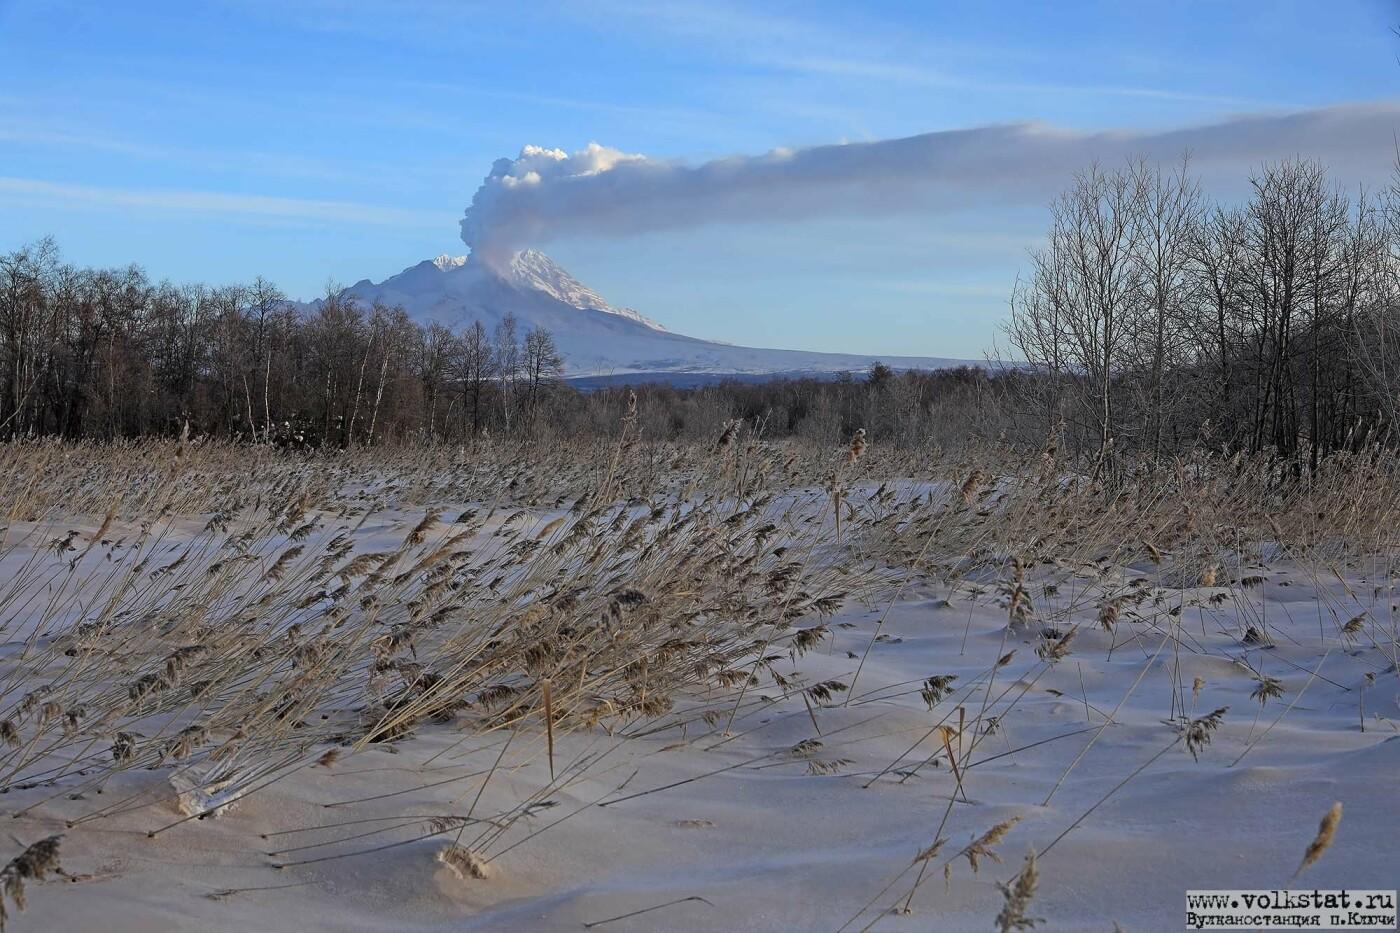 Сильное извержение вулкана может произойти на Камчатке, фото-14